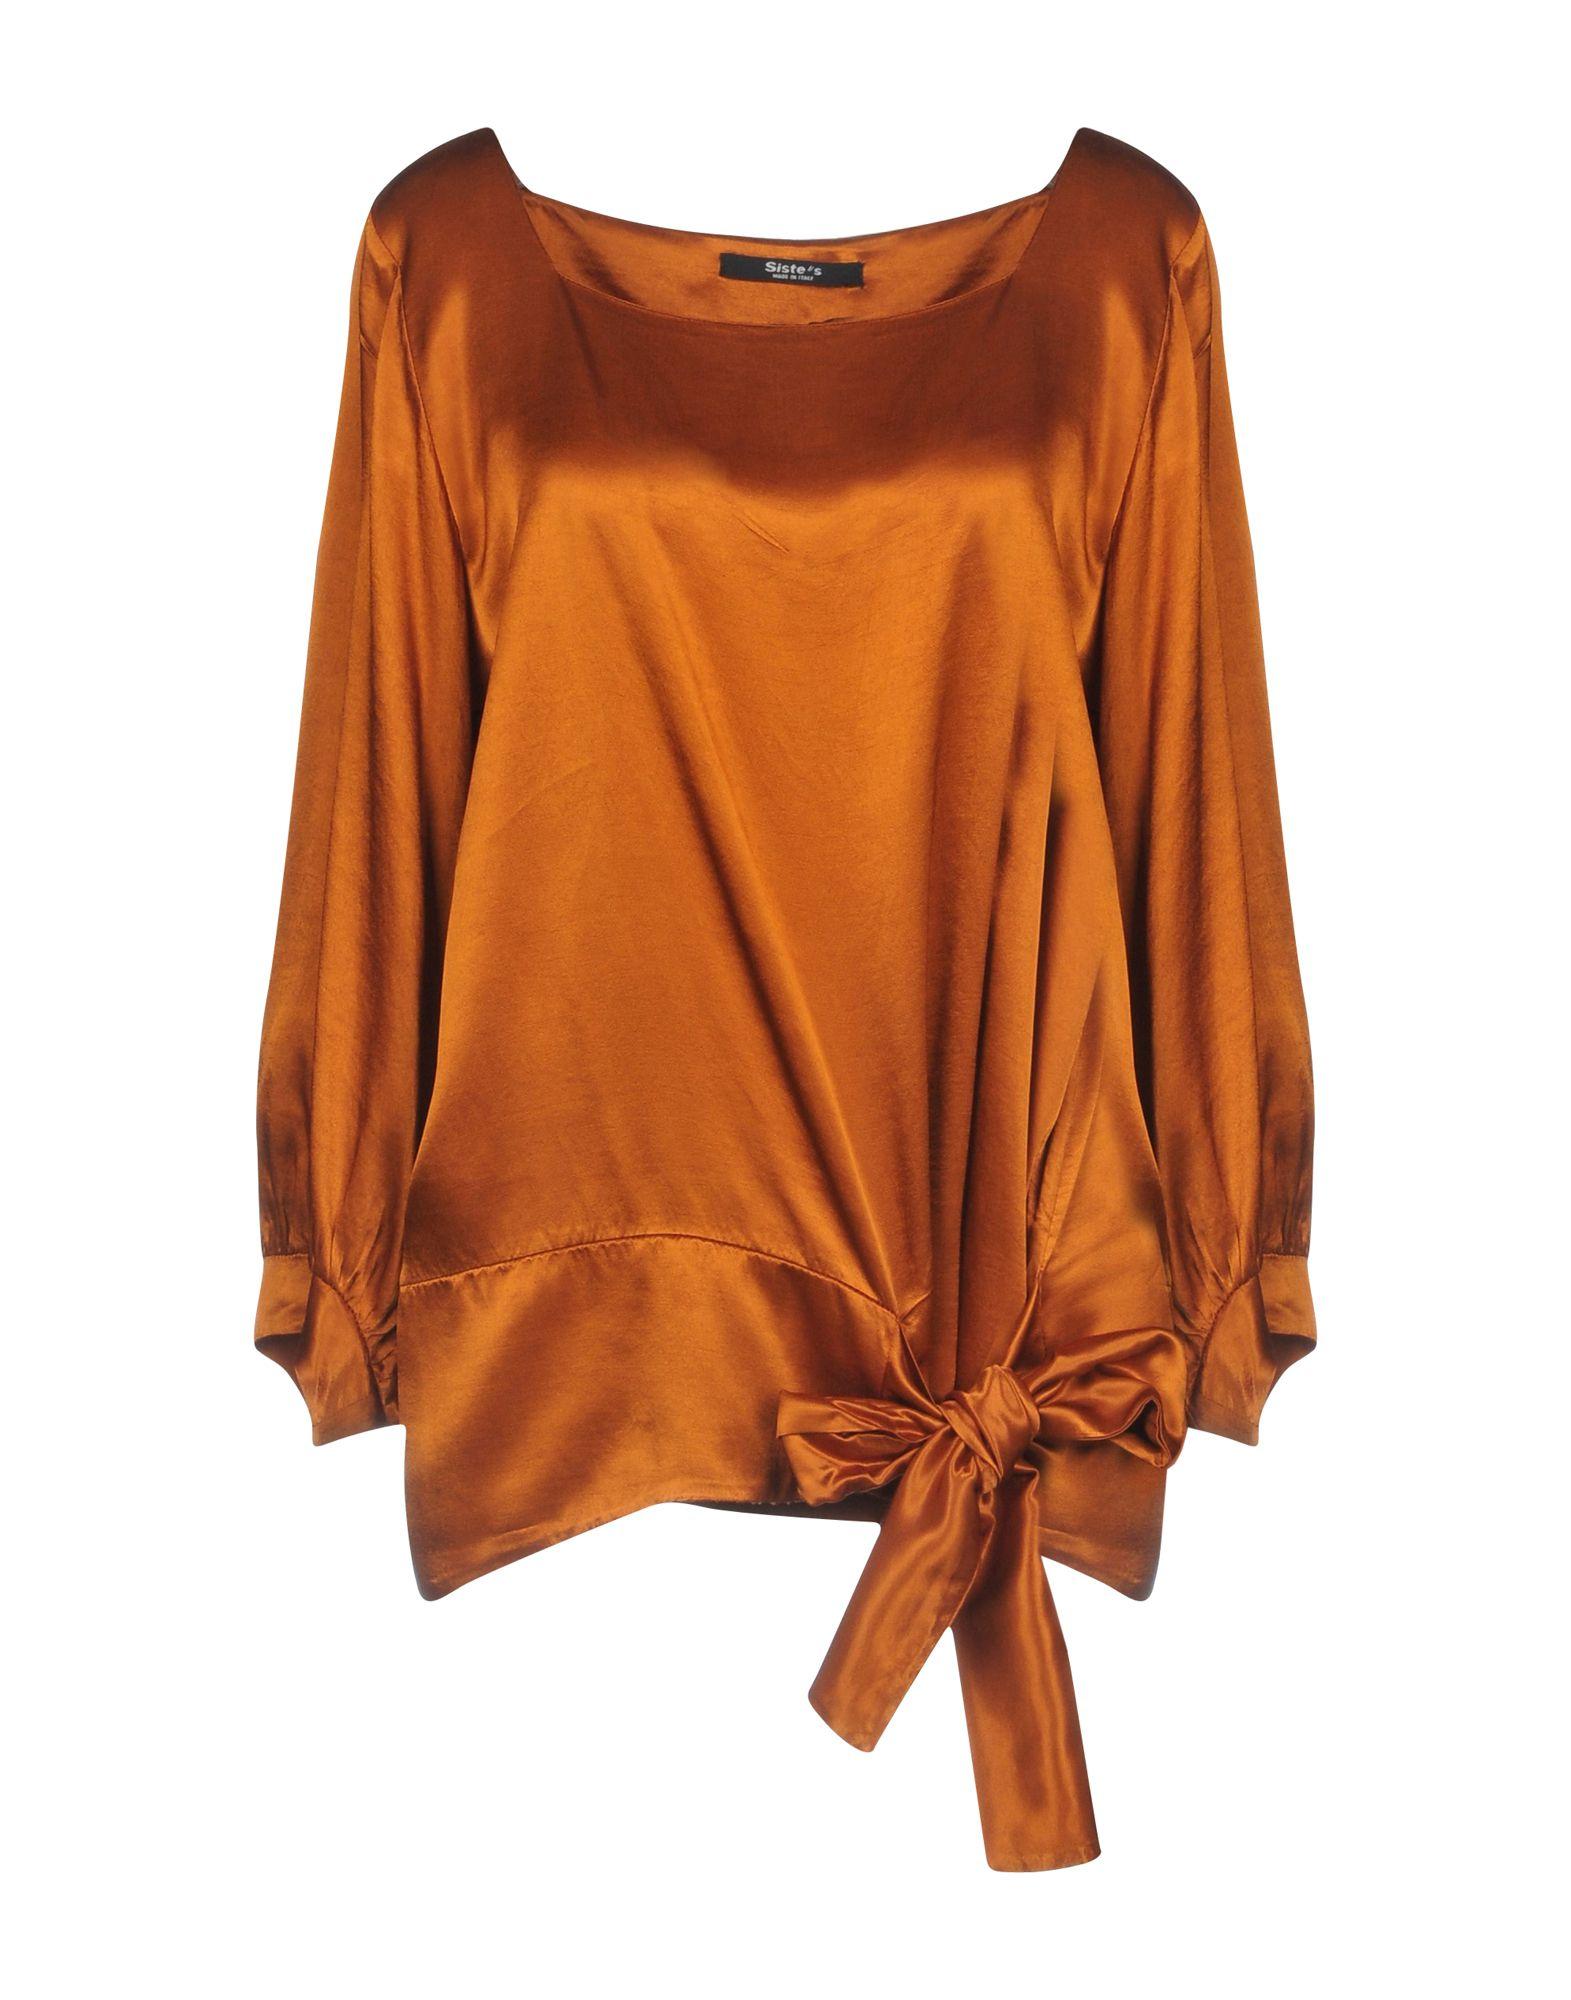 купить SISTE' S Блузка дешево